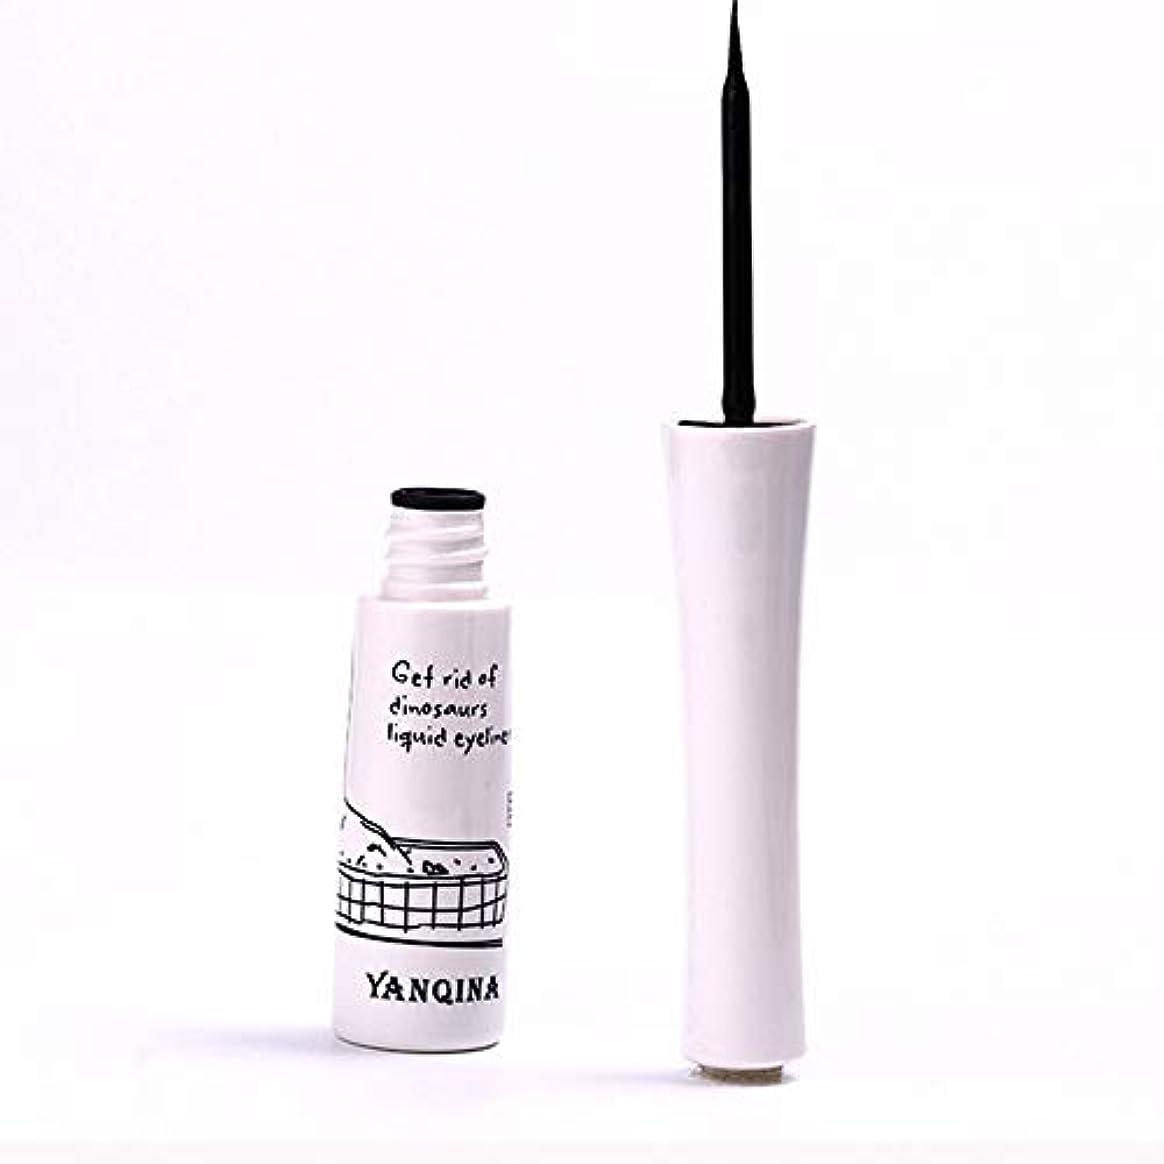 小川花婿船上黒いアイライナーの防水液体のアイライナーの鉛筆のペンは特徴を構成します